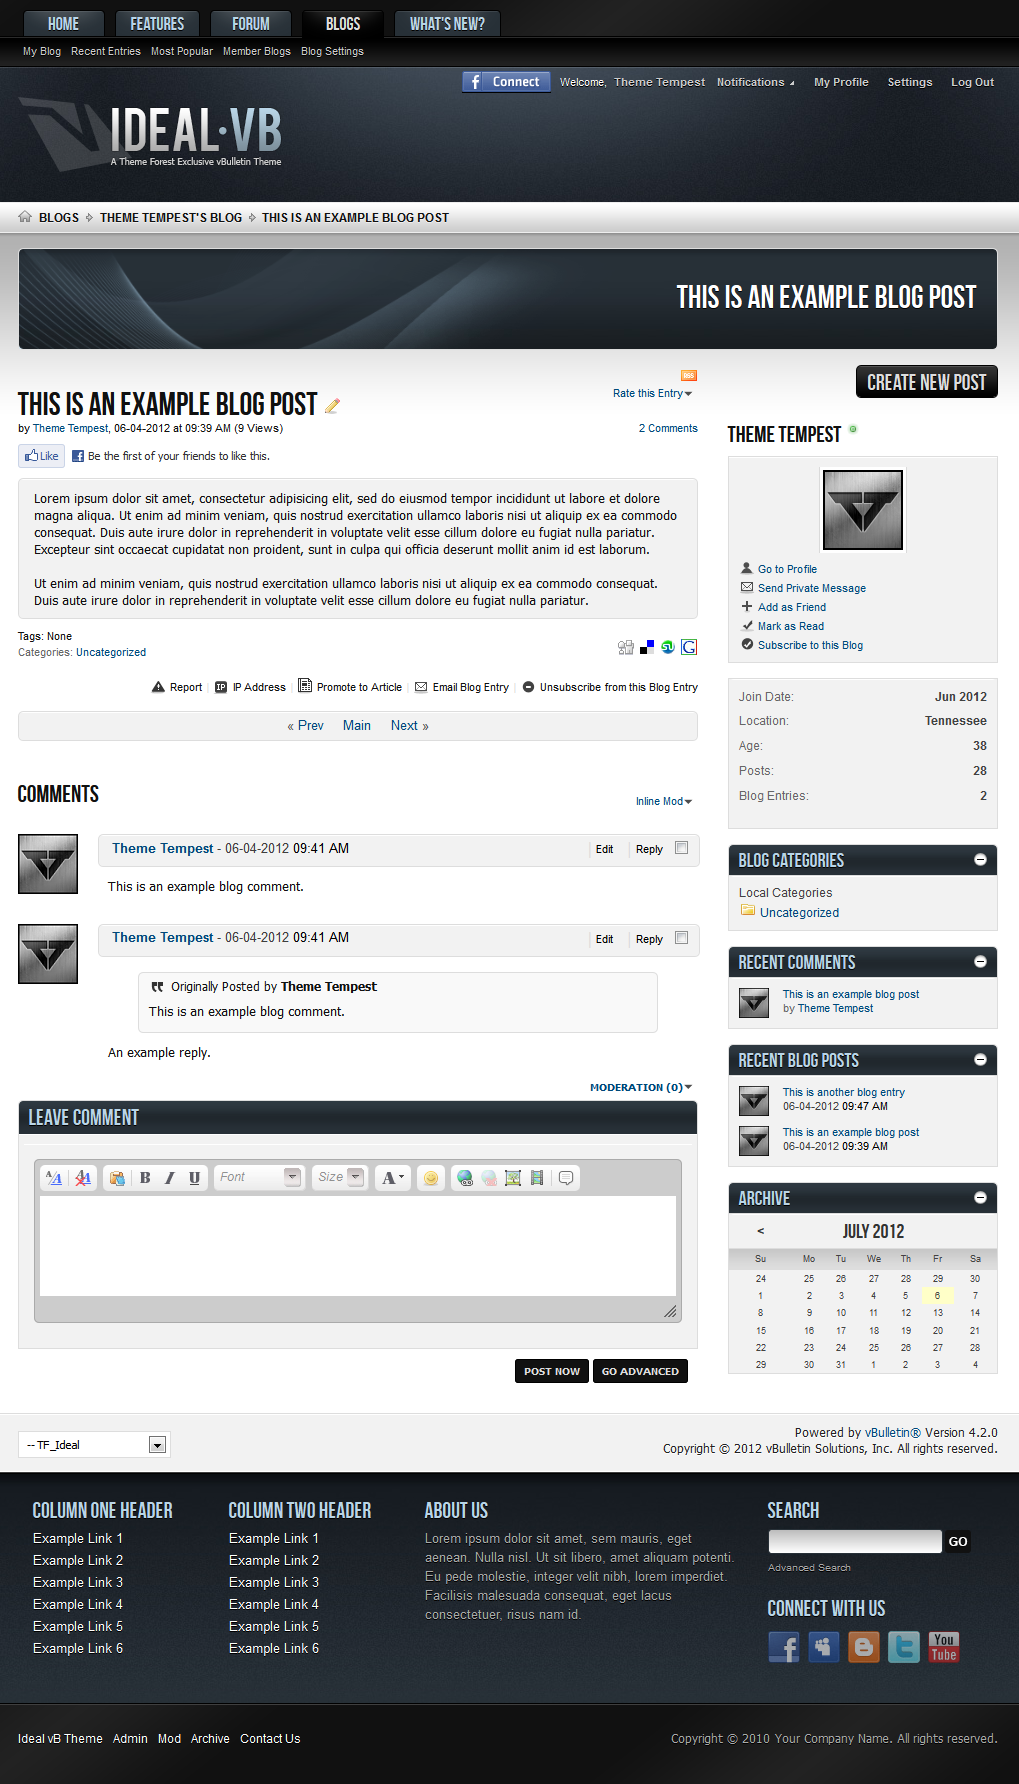 Ideal - A vBulletin 4 Suite Theme